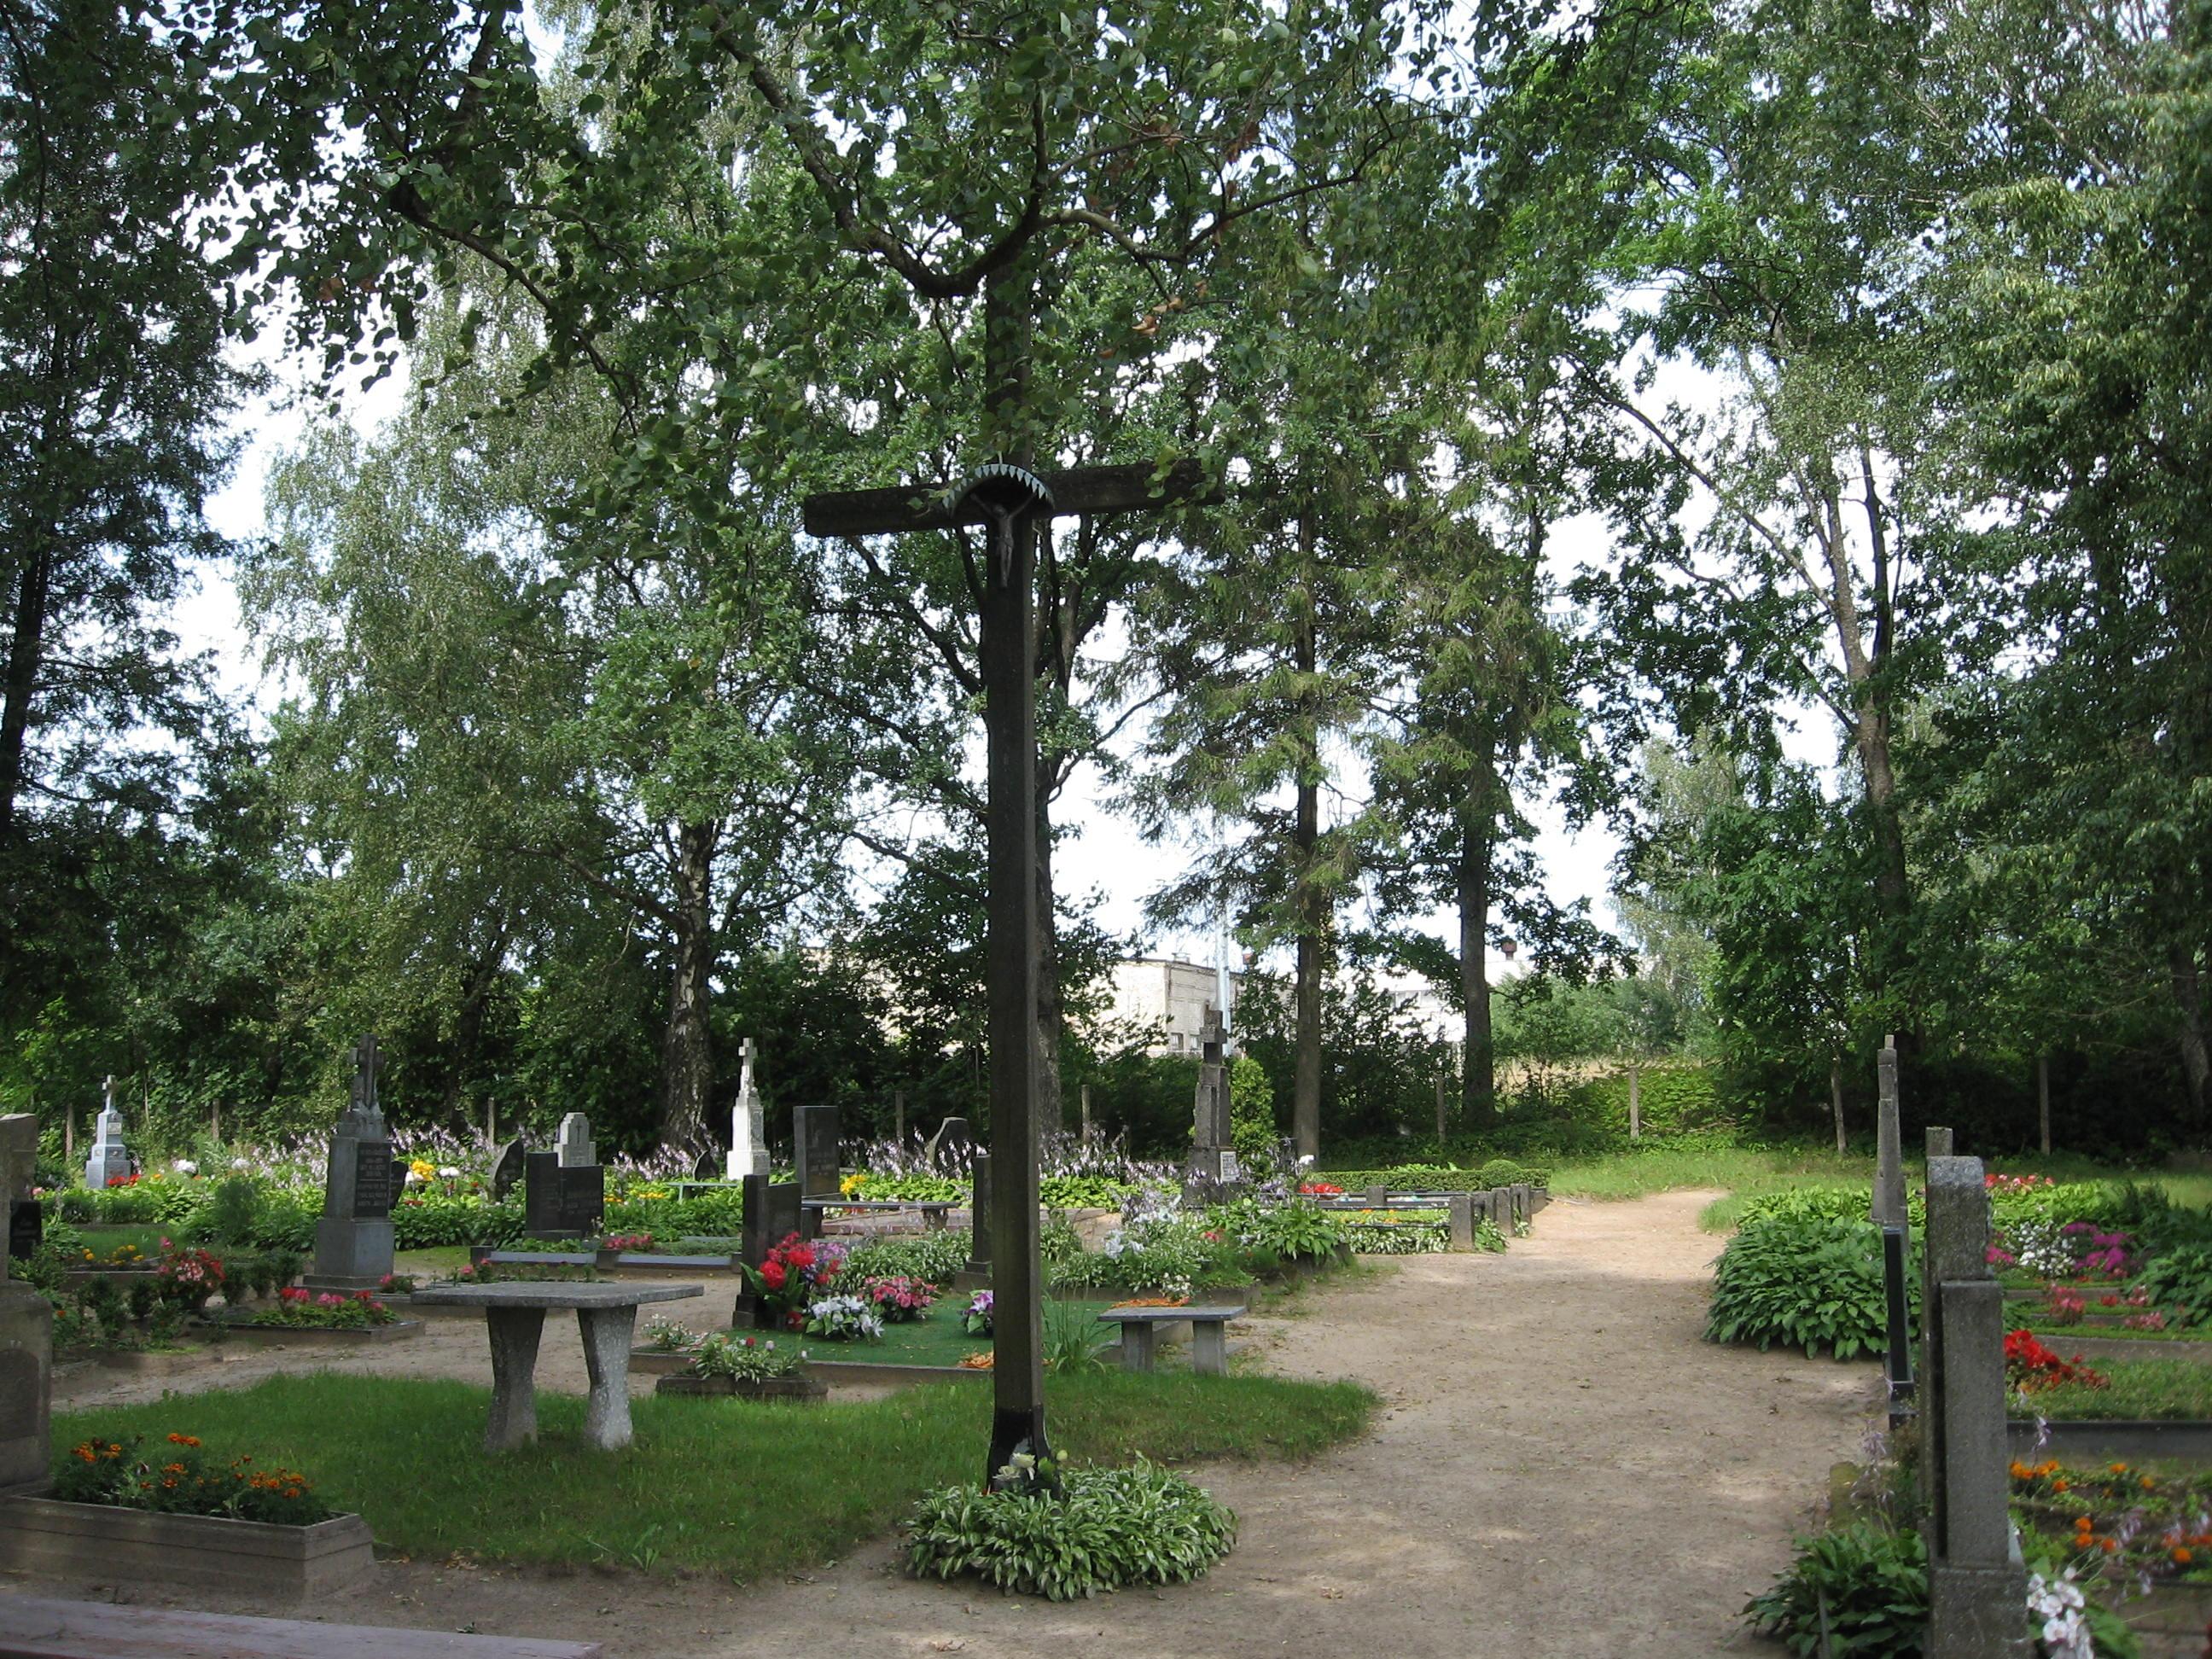 Evangelikų liuteronų kapinės Žemaičių Naumiestyje | vikipedija.lt nuotr.